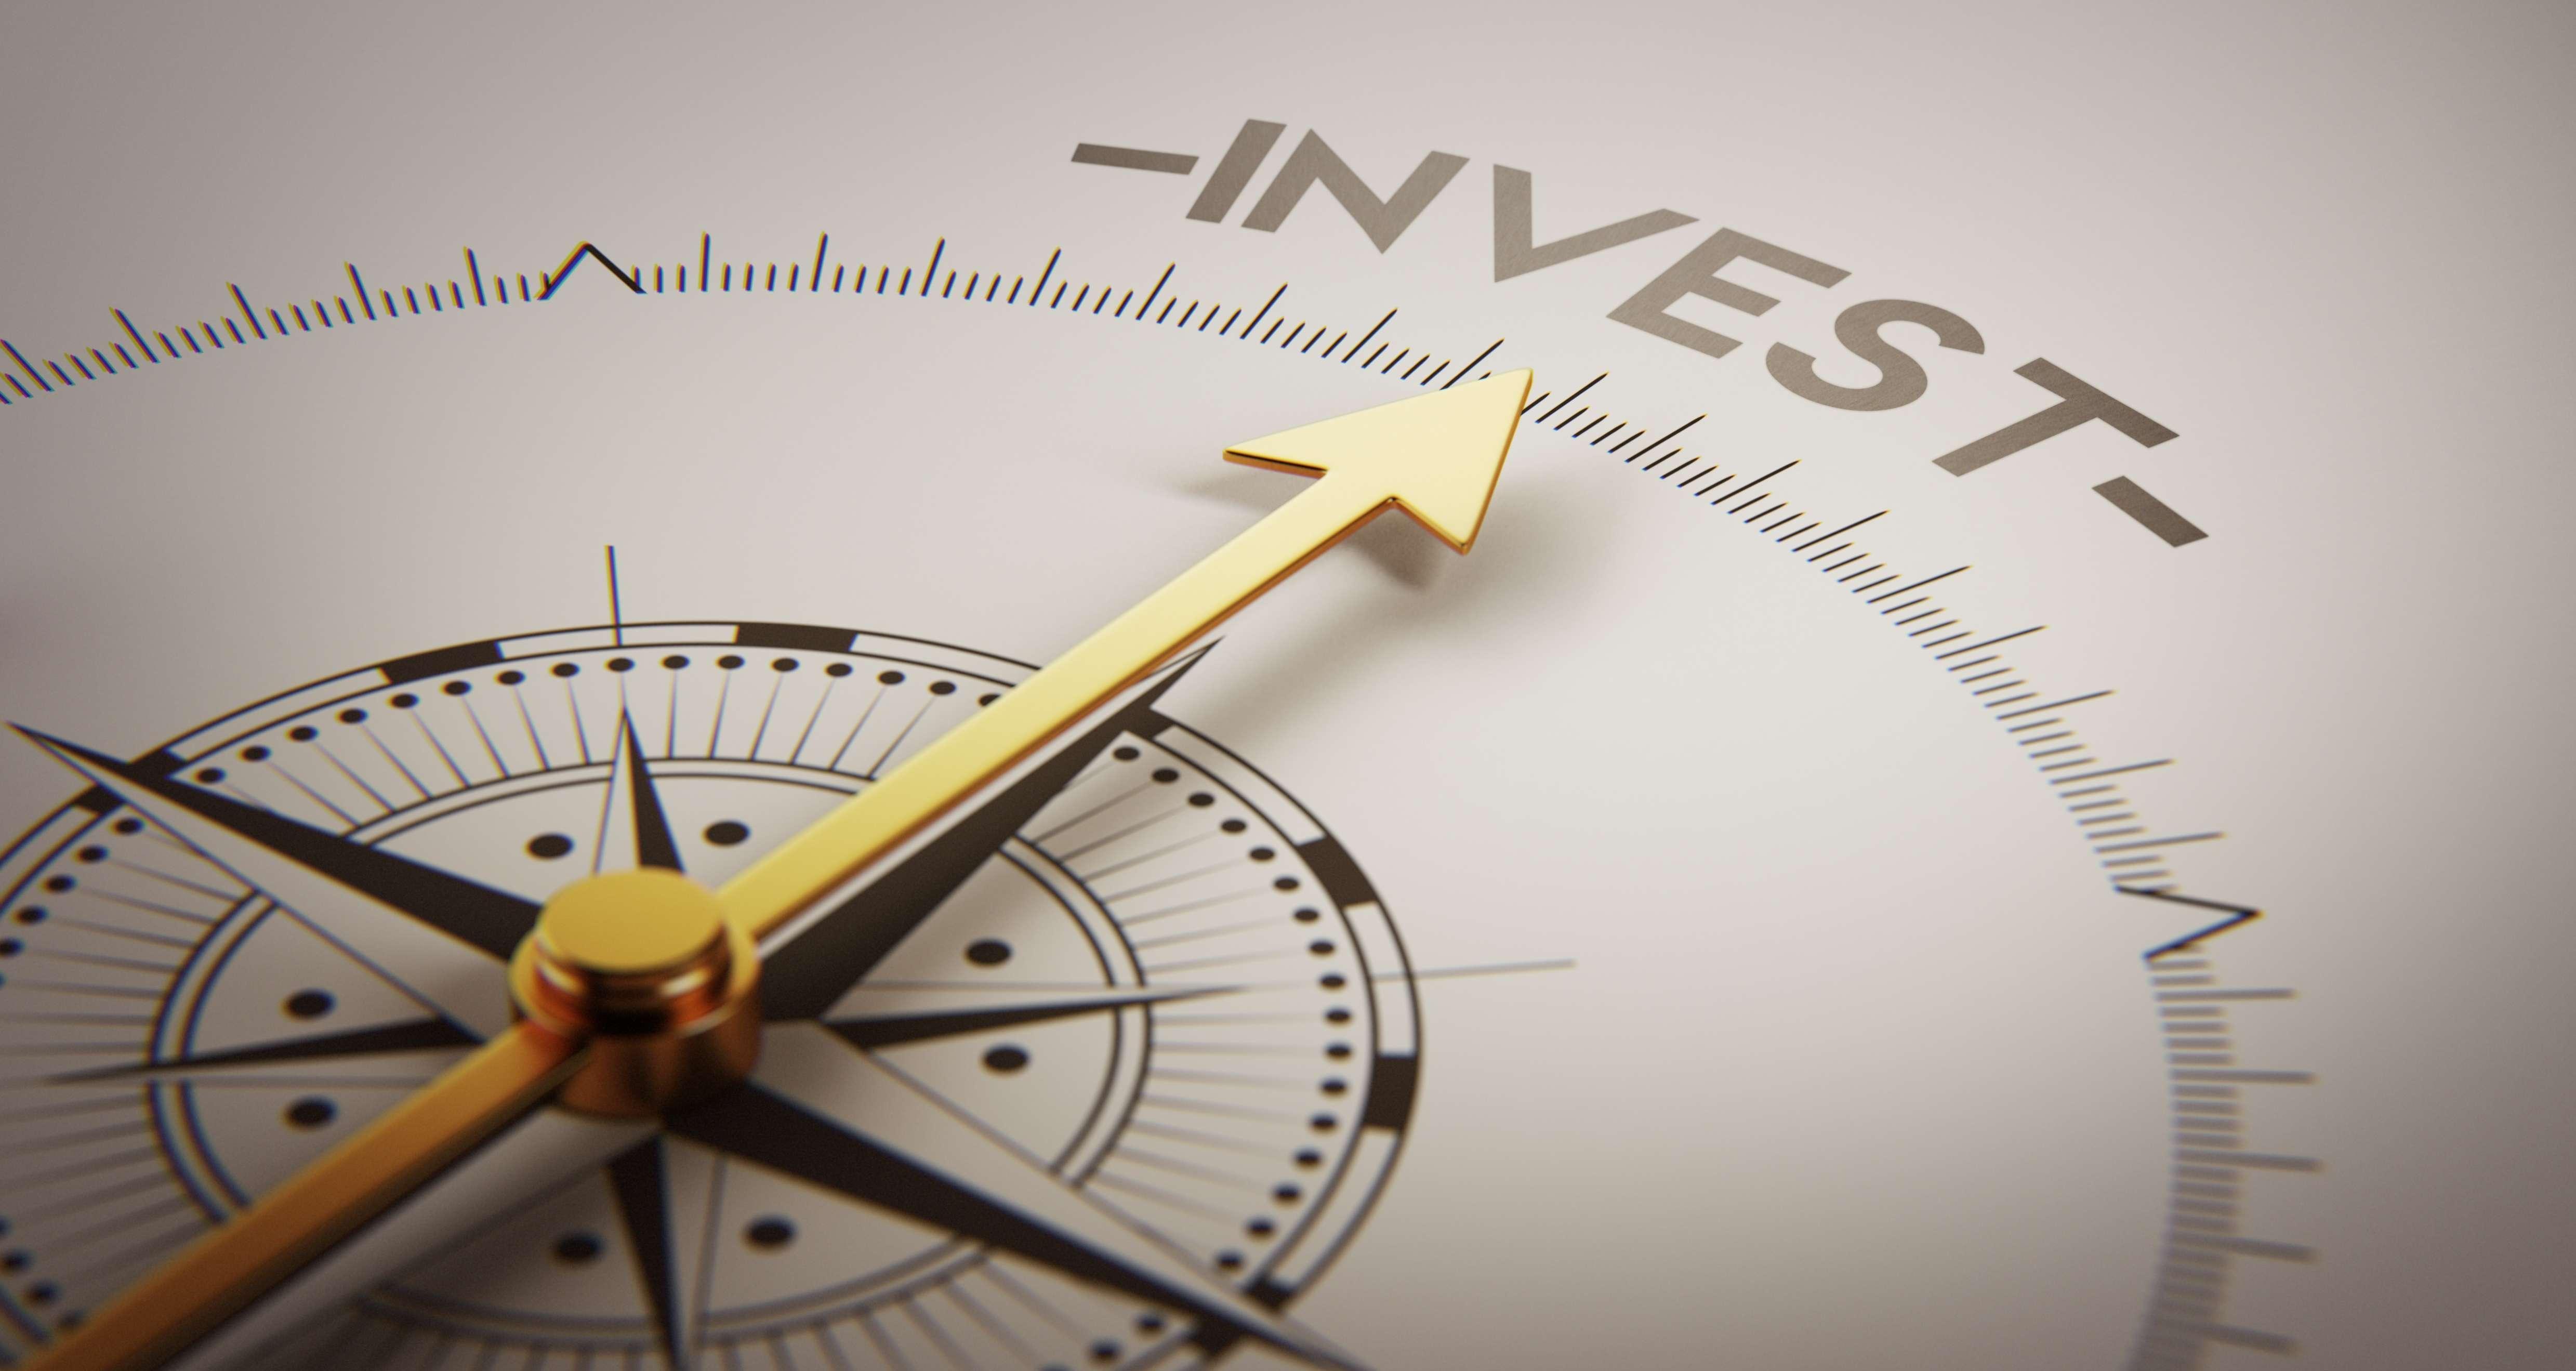 مفهوم بازده در سرمایهگذاری چیست؟